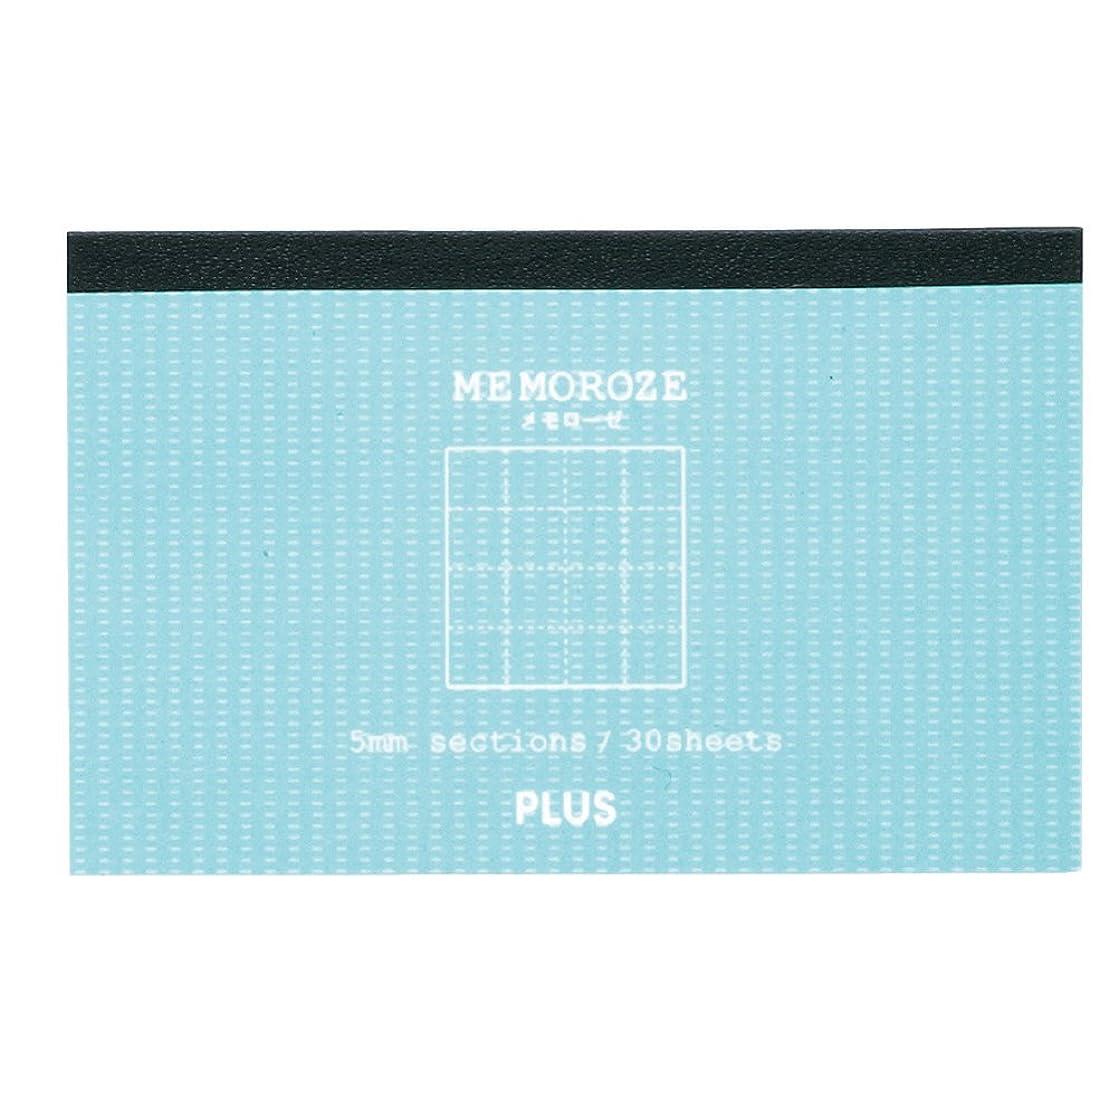 足音レギュラーそよ風プラス メモ帳 メモローゼ カード縦 方眼罫 ミントブルー 77-780